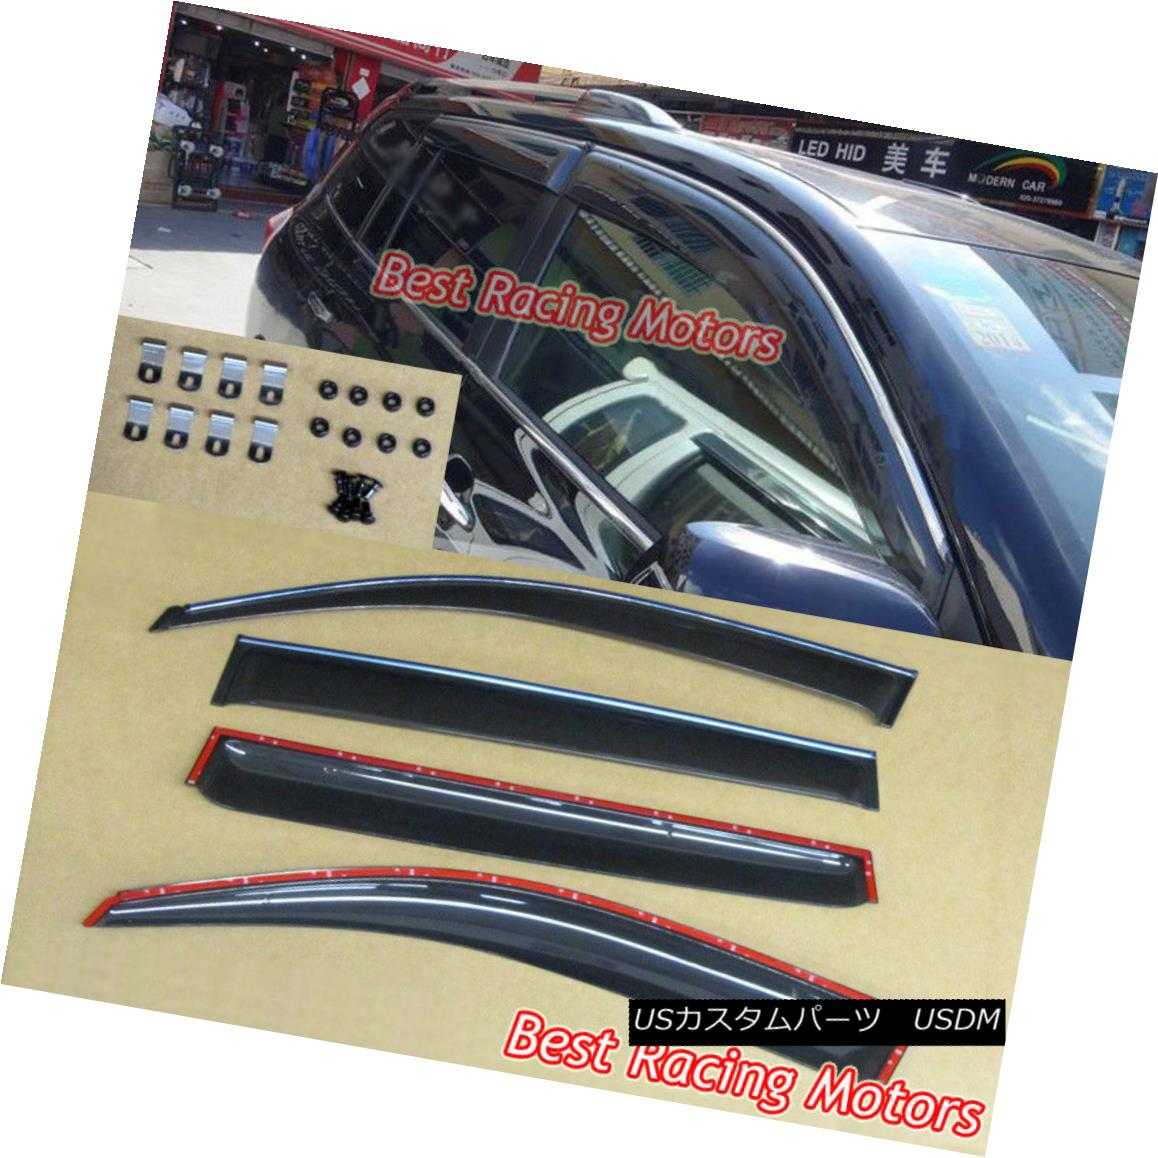 エアロパーツ JDM Style Side Window Visors + Chrome Molding Trims Fits 08-13 Toyota Highlander JDMスタイルのサイドウィンドウバイザー+クロームモールディングトリムフィット08-13トヨタハイランダー